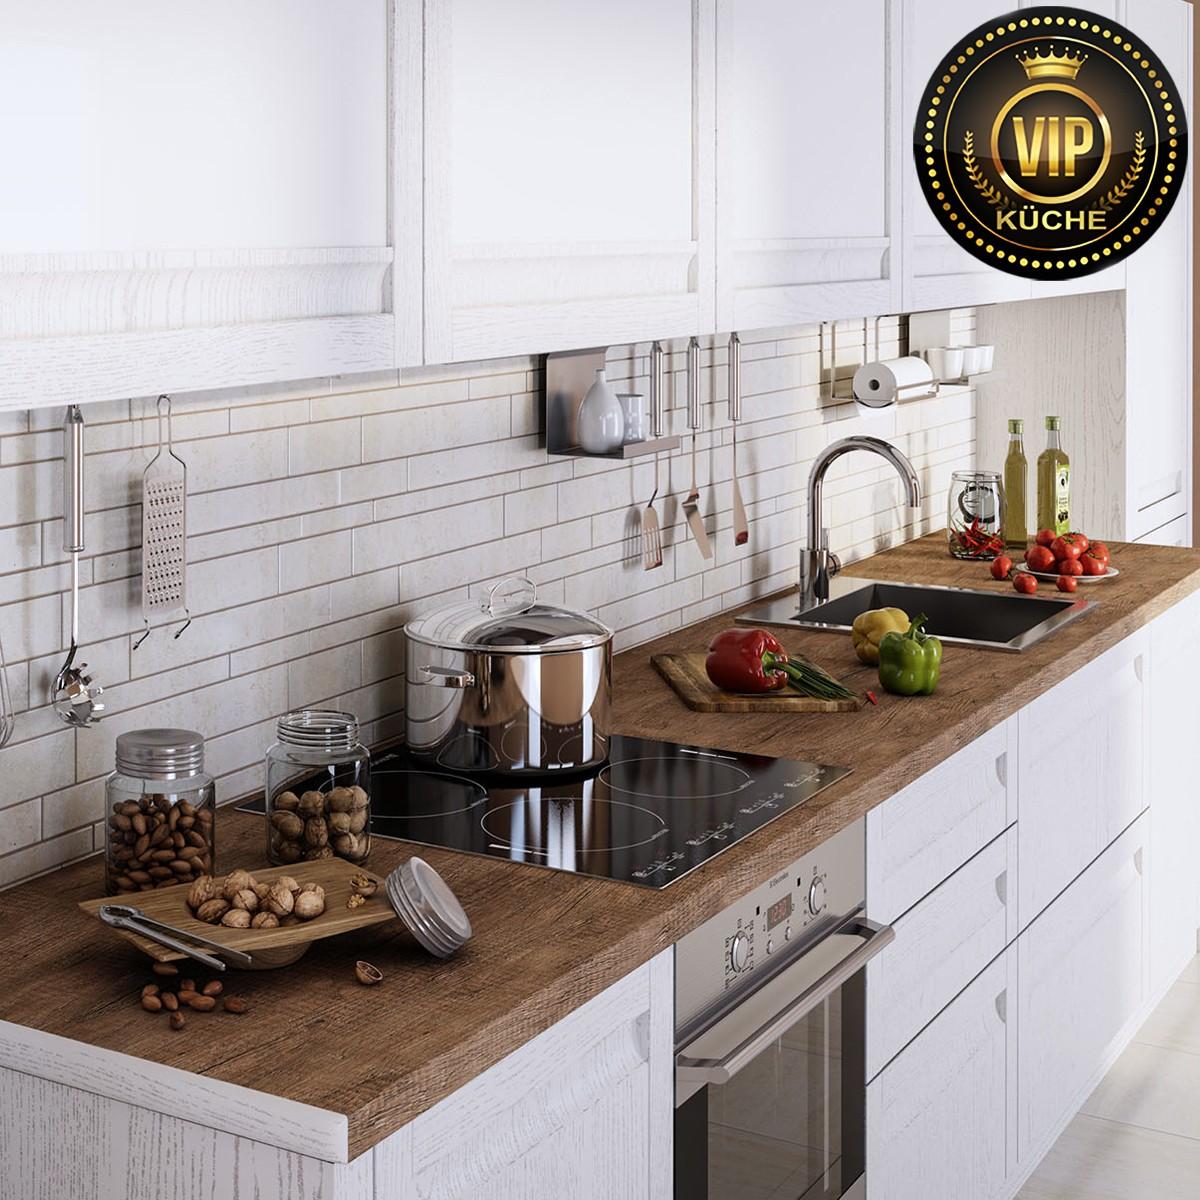 Full Size of Ariane Moderne Landhauskche Winkel Küche Tapeten Für Einbauküche Nobilia Inselküche Abluftventilator Edelstahlküche Was Kostet Eine Neue Arbeitsschuhe Wohnzimmer Weisse Küche Modern